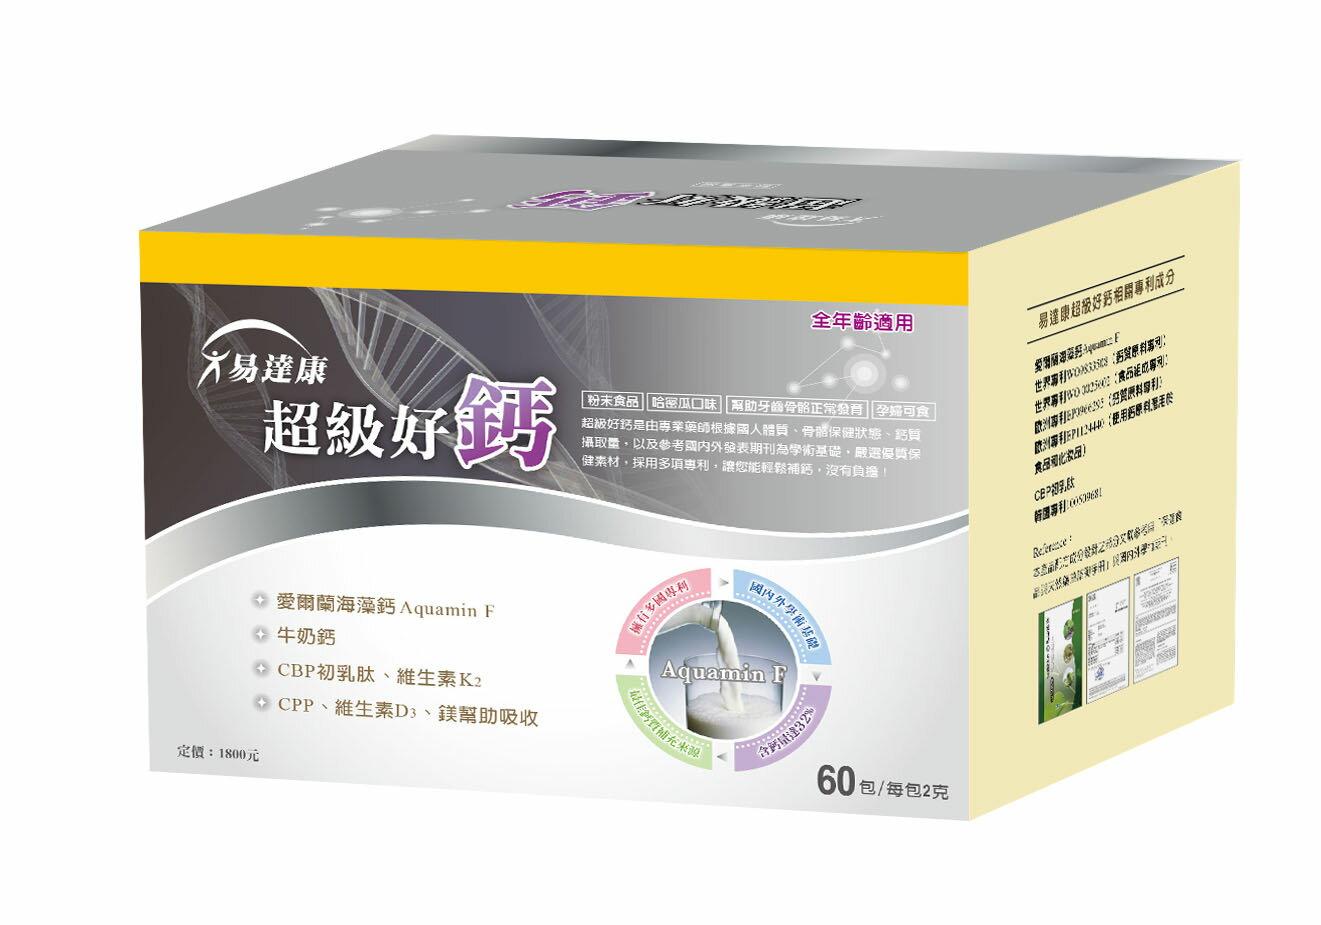 【本月品牌滿$4000再送比菲龍根菌1盒(30包)】【超值組-加量送10小包】台灣【易達康】超級好鈣(60入/盒)